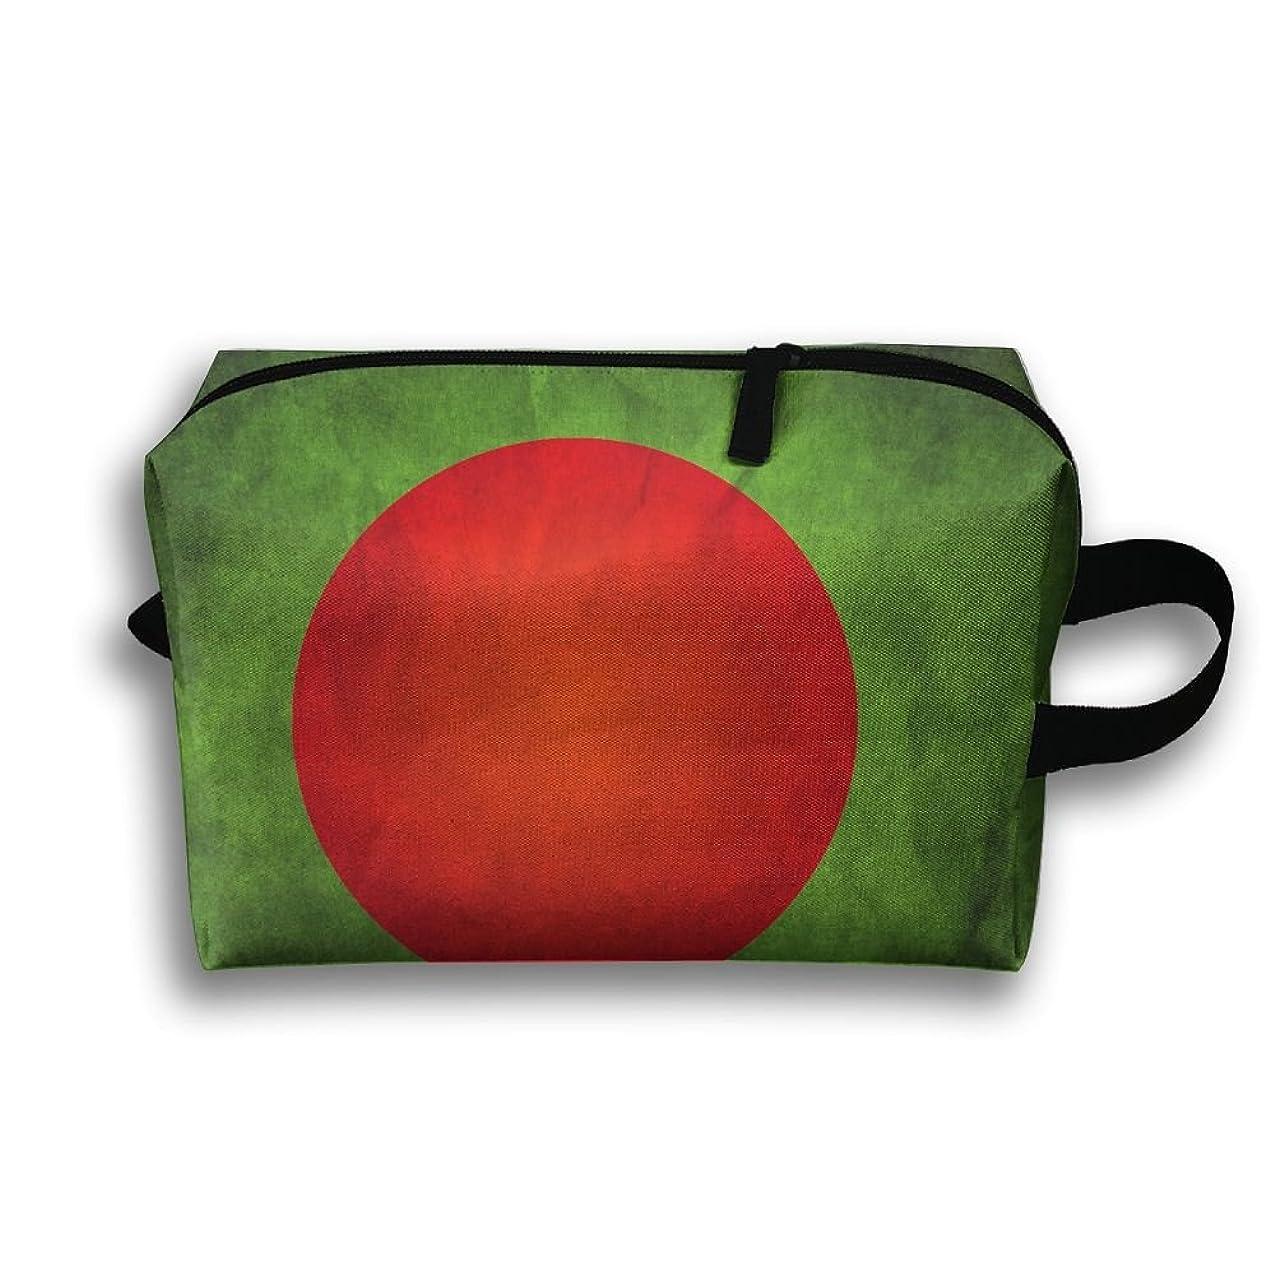 サンダル翻訳する原子炉ポーチ バングラデシュの国旗 旅行用化粧品バッグ 洗面用具 修学旅行 PC周辺小物整理 小物入れ 大容量 軽量 収納 White